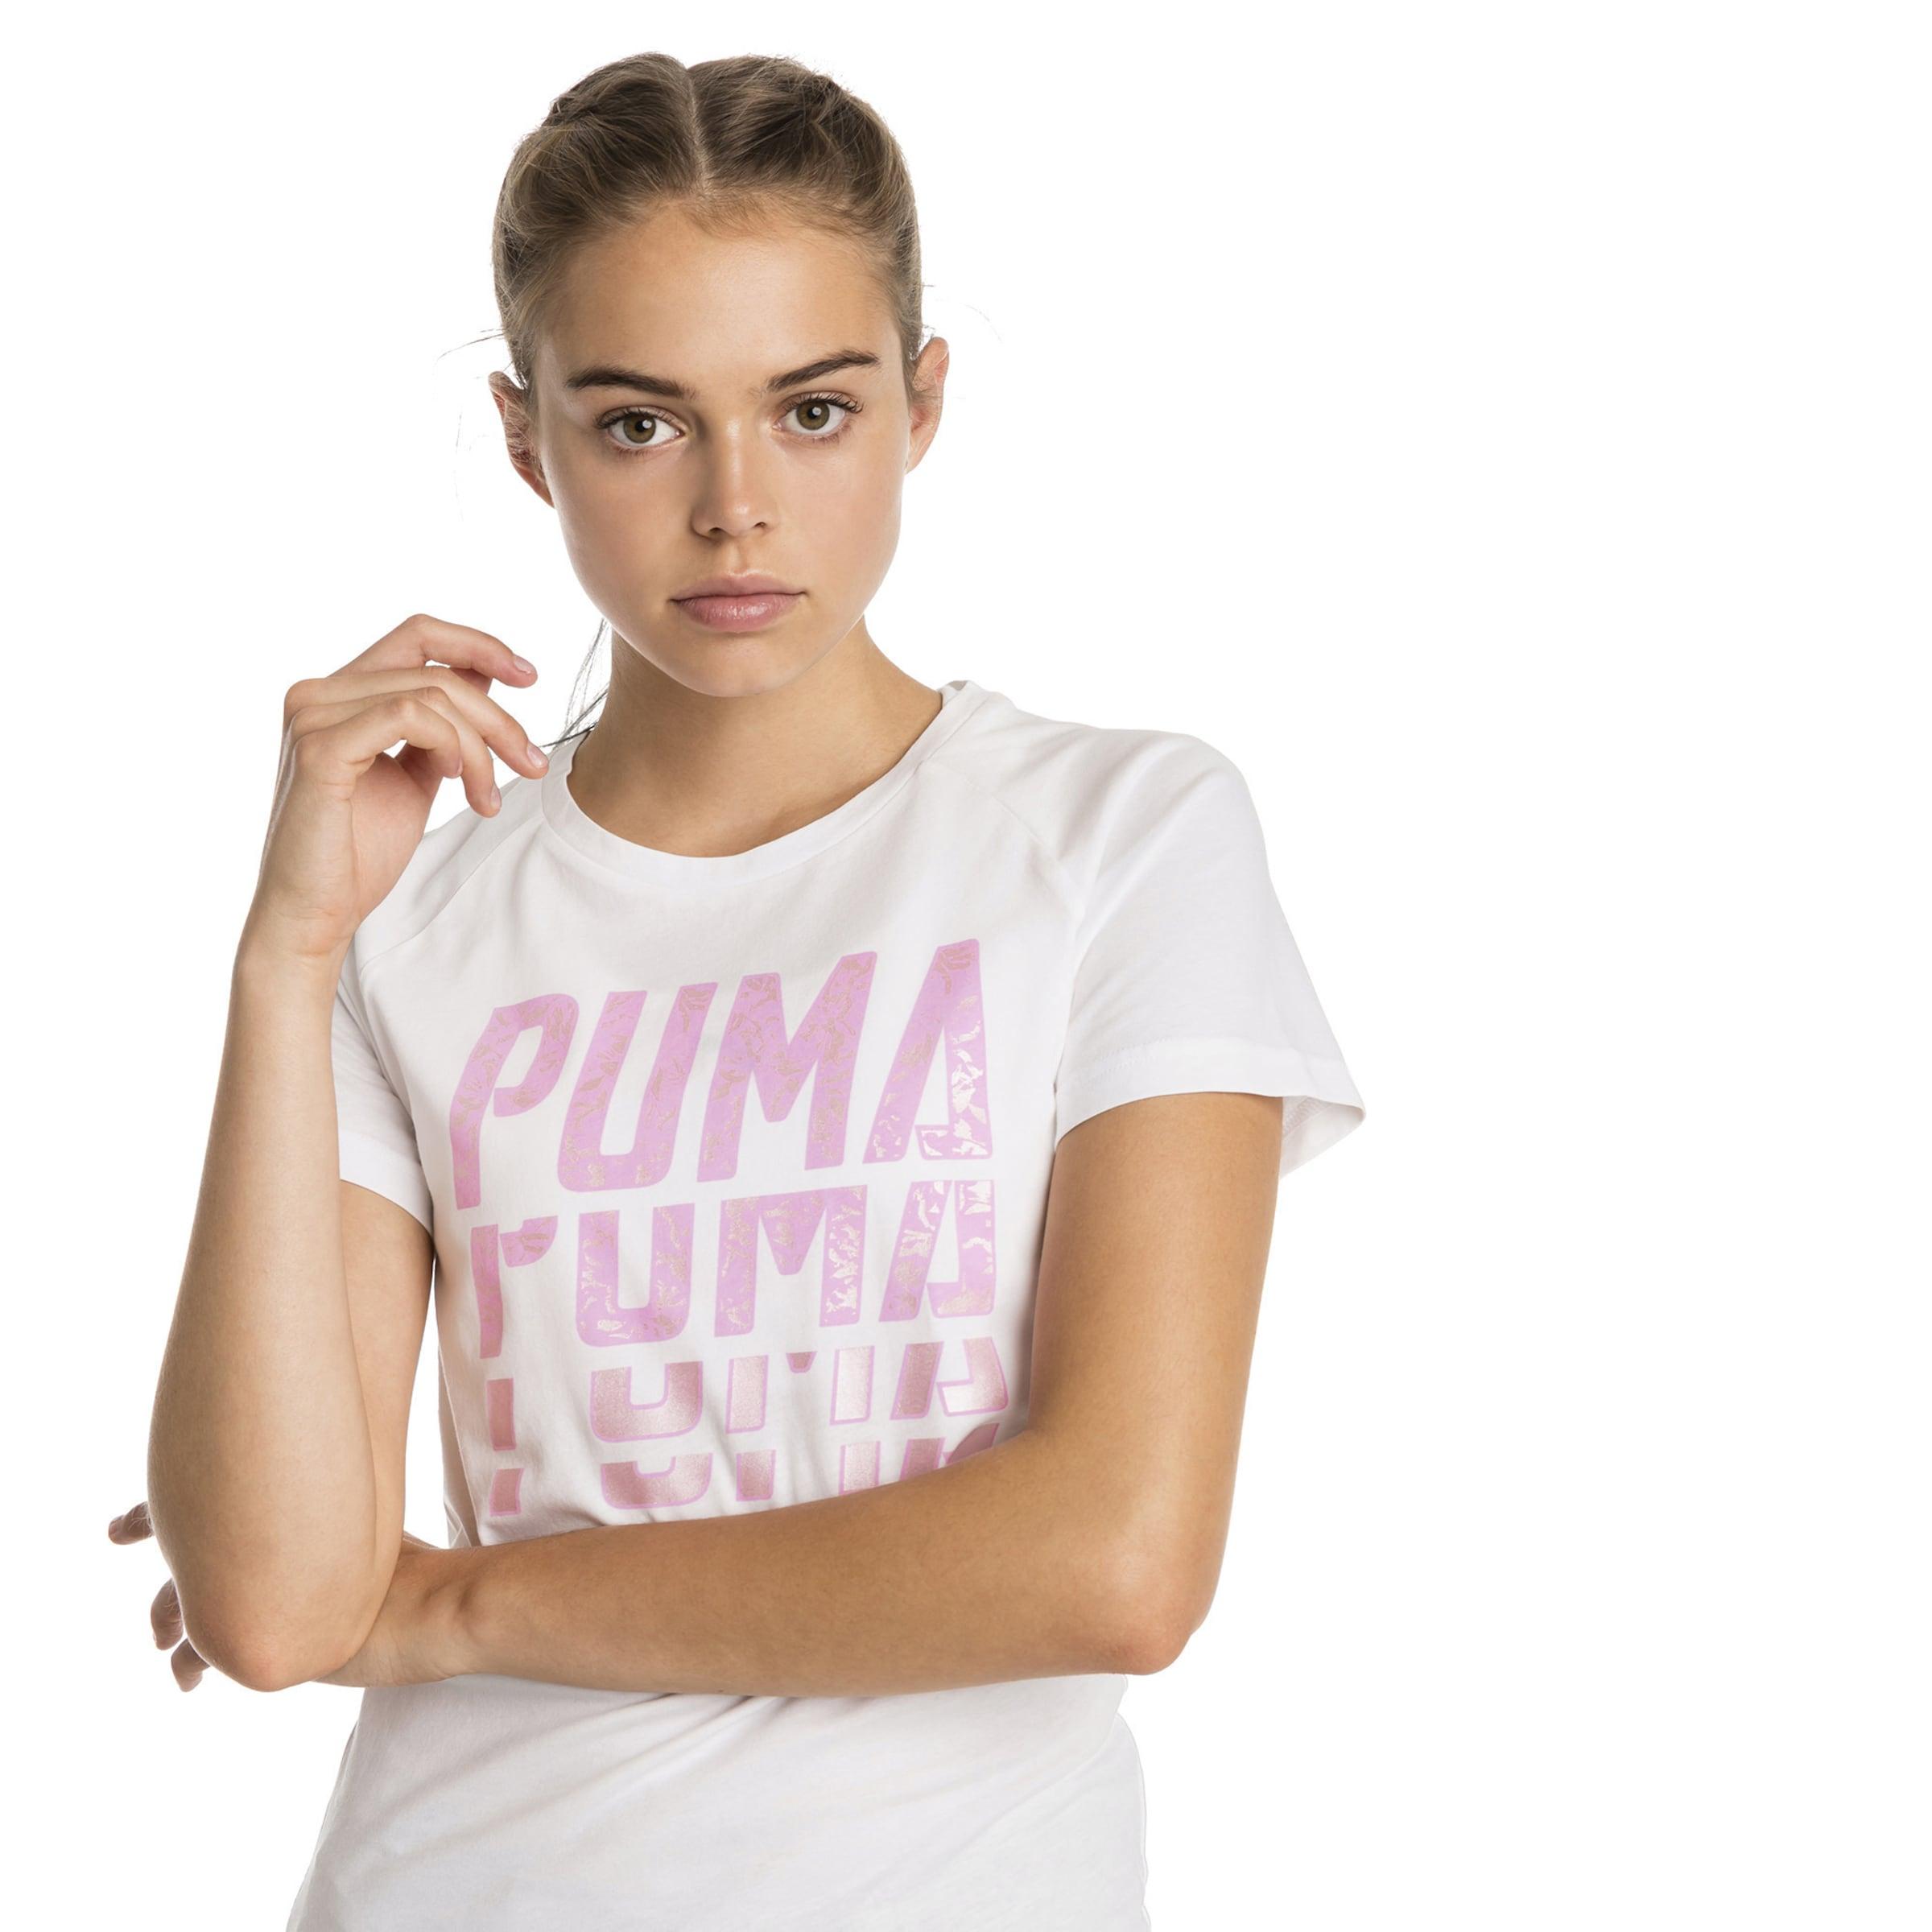 RosaWit In RosaWit Shirt Shirt Puma Puma Puma In RqS4L53Ajc